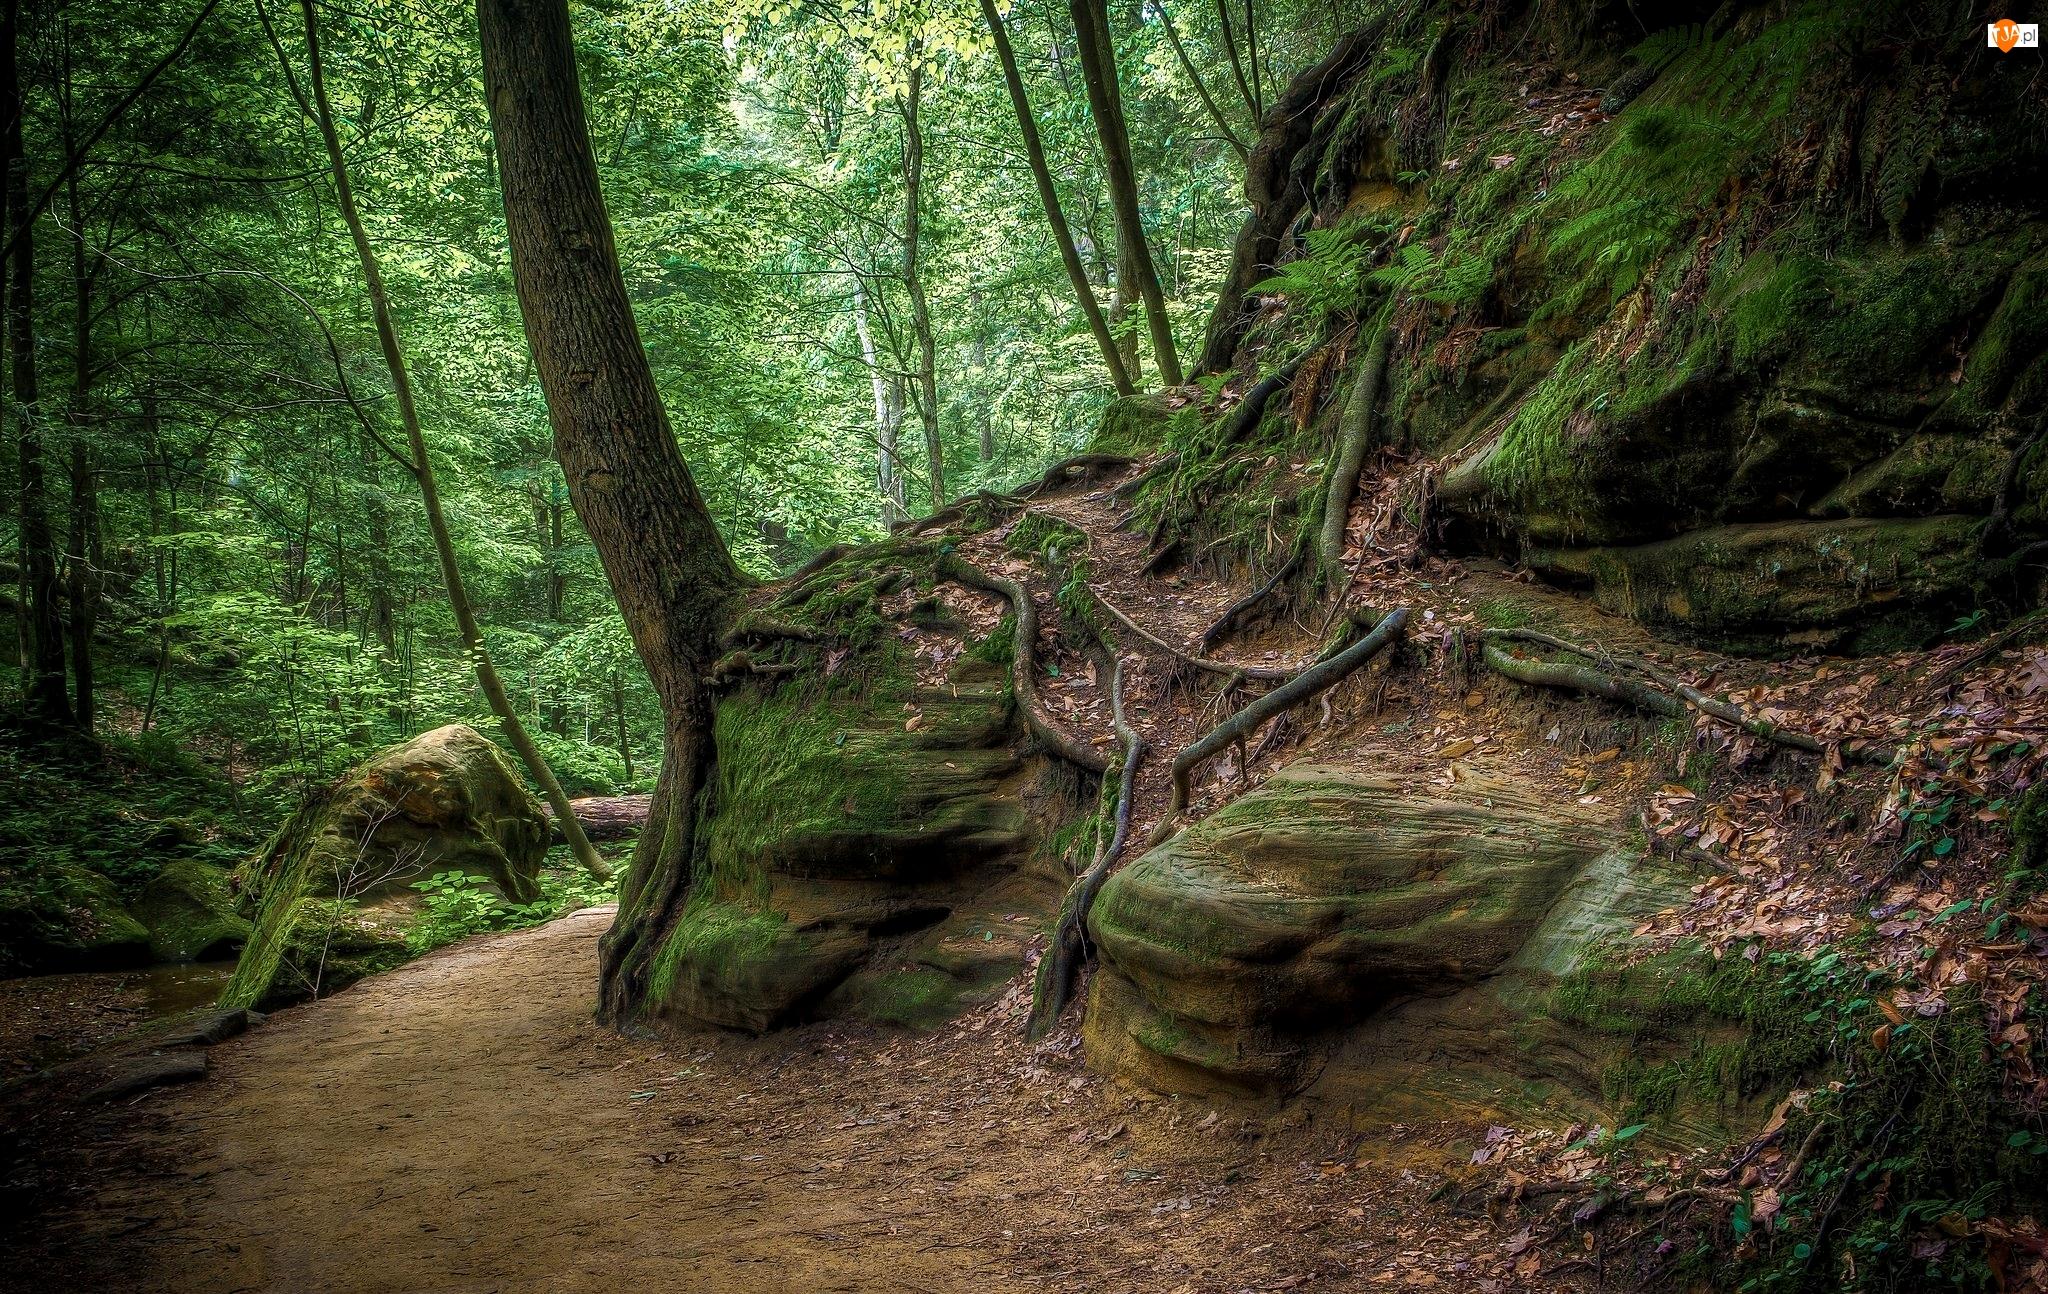 Skały, Las, Omszałe, Liście, Drzewa, Kamienie, Ścieżka, Korzenie